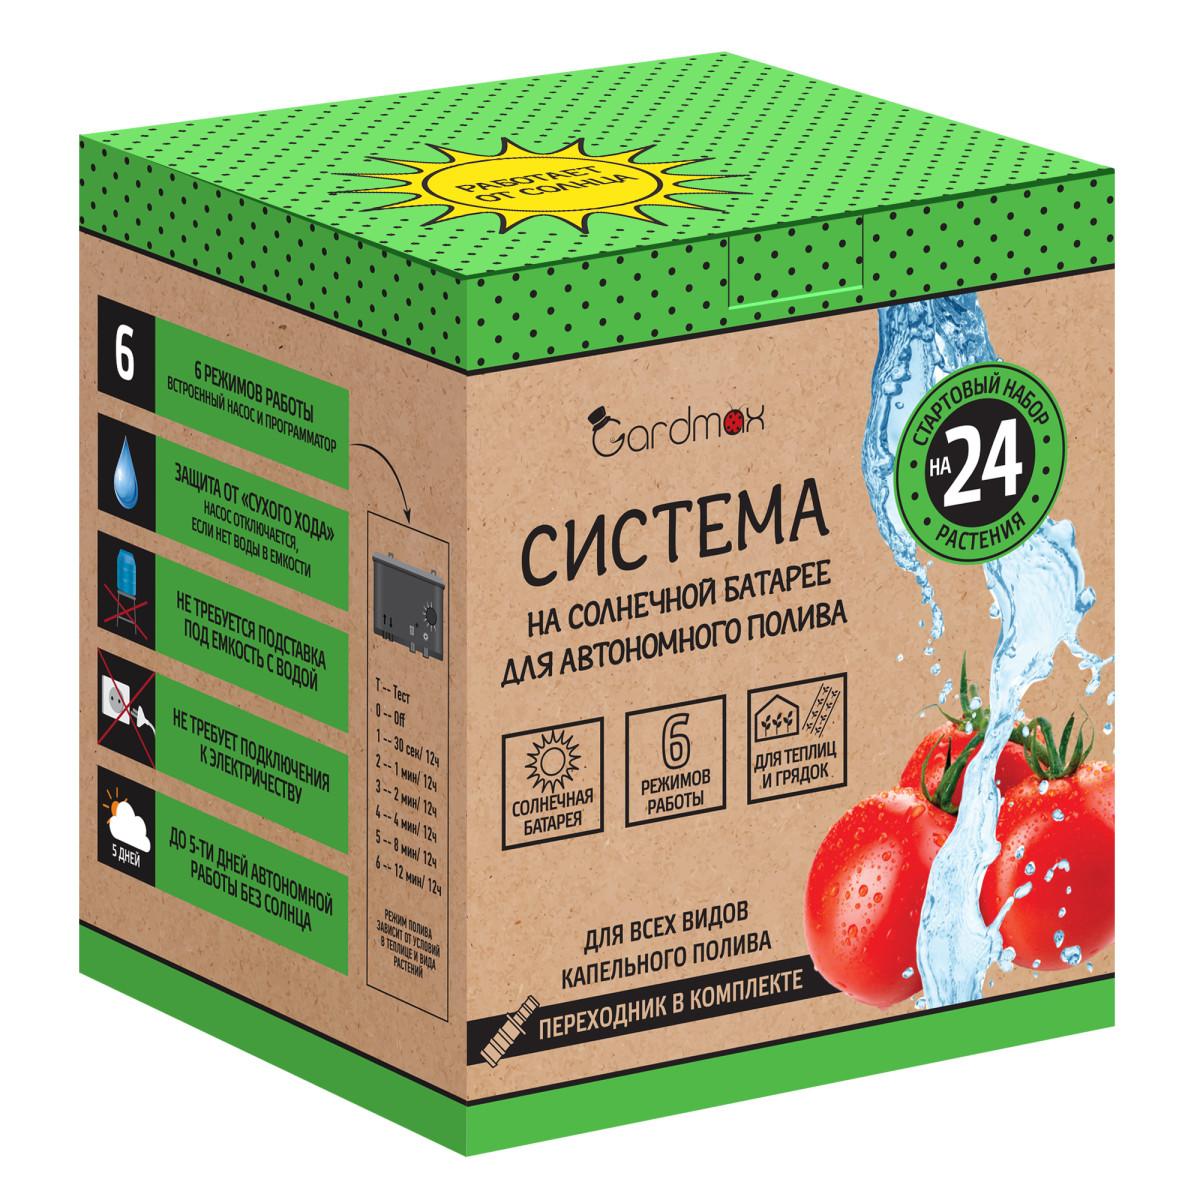 Комплект для капельного полива на солнечной батарее 24 растения.